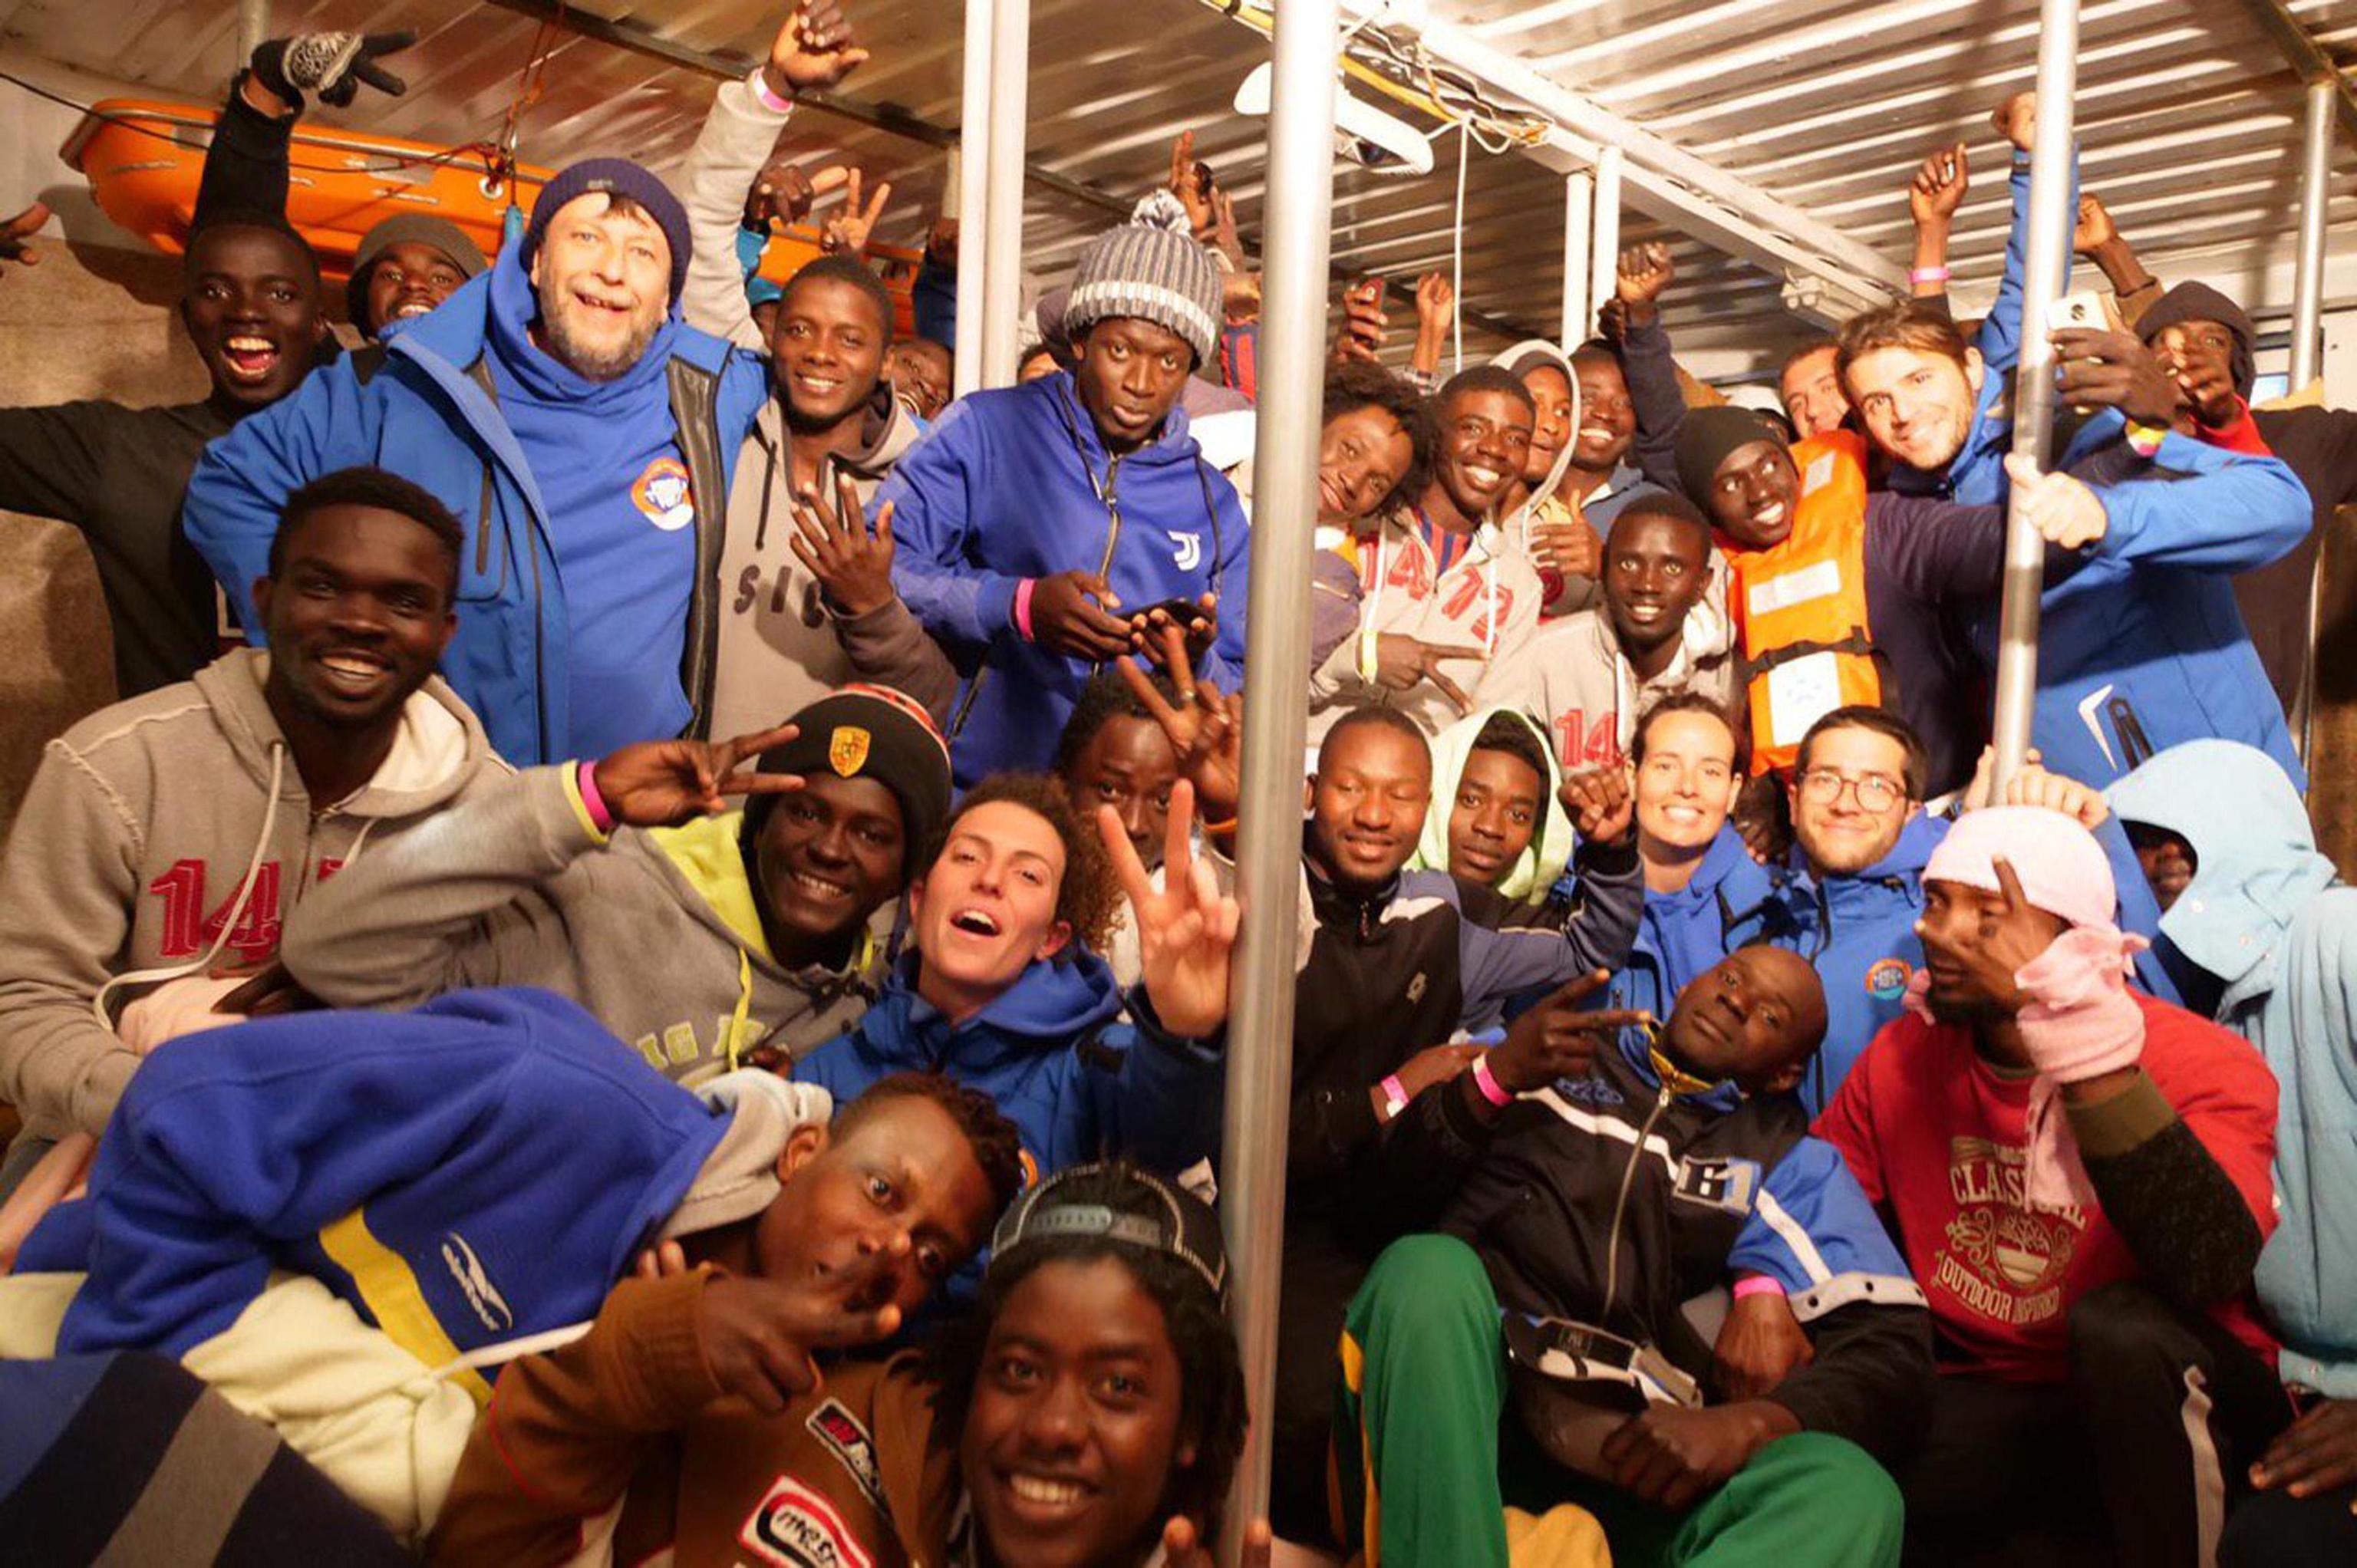 I migranti festeggiano a bordo della nave. La Mare Jonio ha appena attraccato al porto di Lampedusa